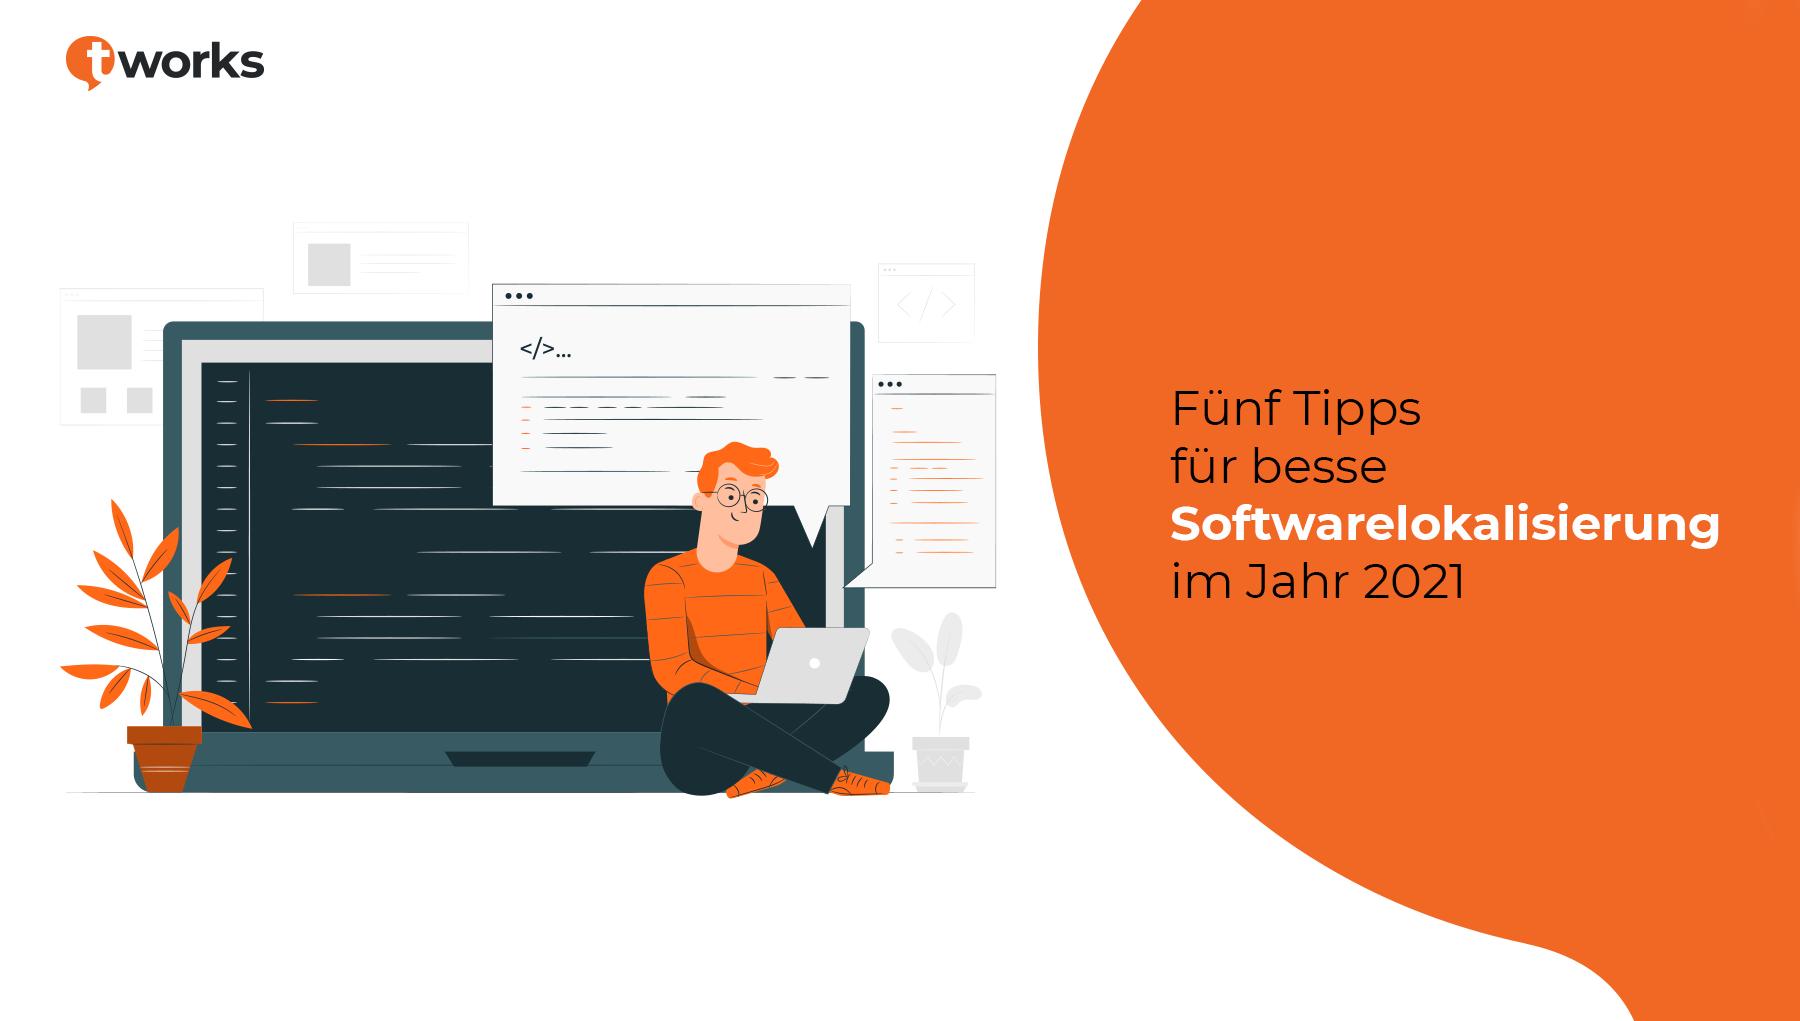 Tipps für bessere Softwarelokalisierung bei t'works